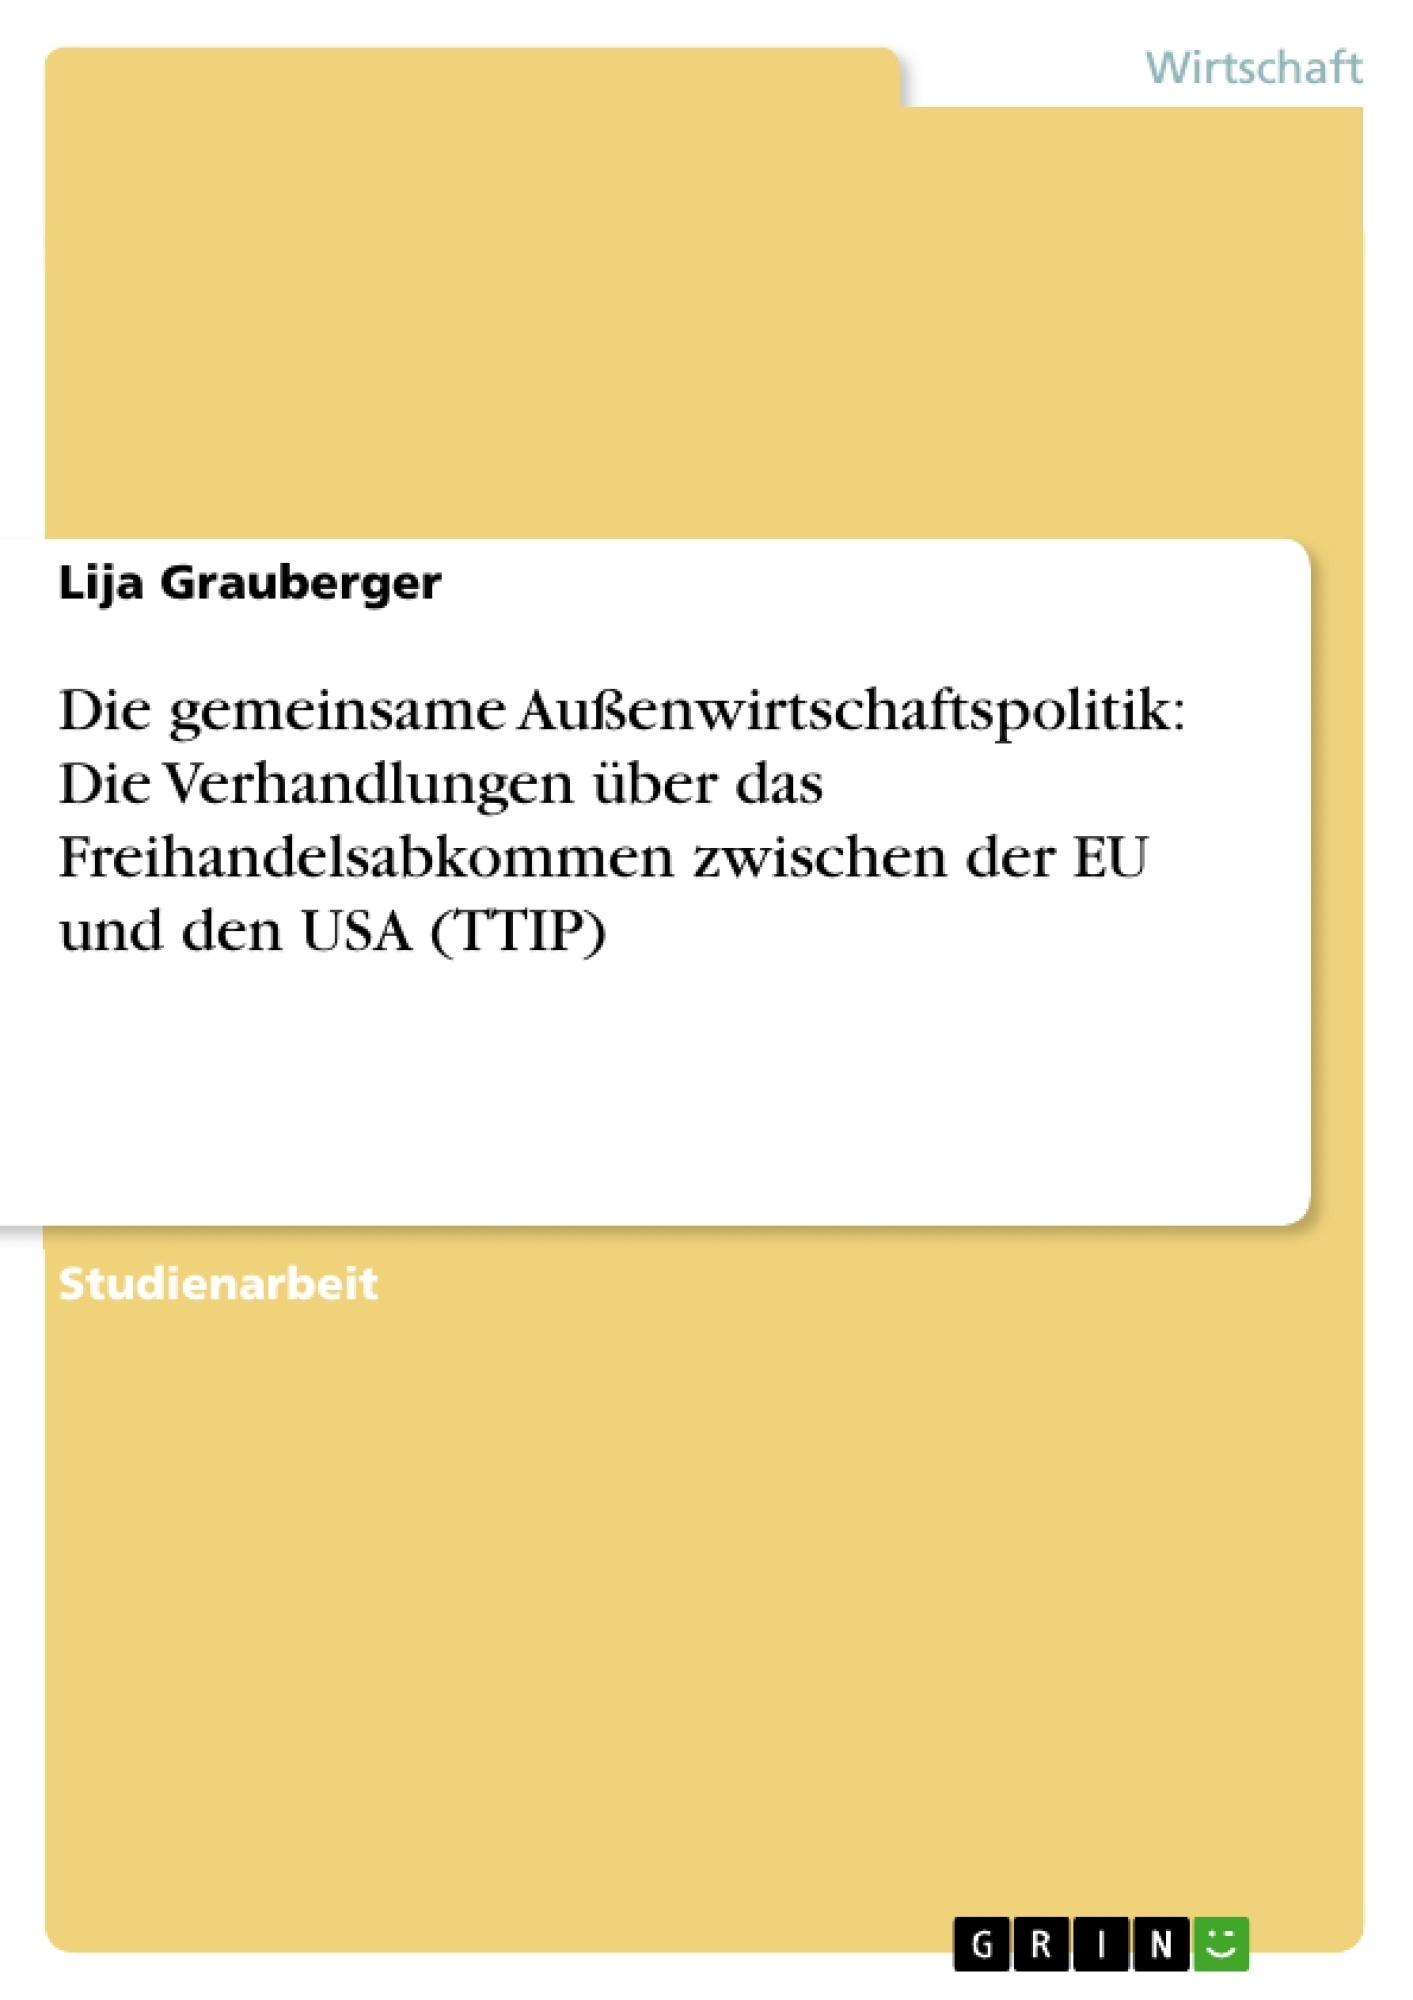 Titel: Die gemeinsame Außenwirtschaftspolitik: Die Verhandlungen über das Freihandelsabkommen  zwischen der EU und den USA (TTIP)